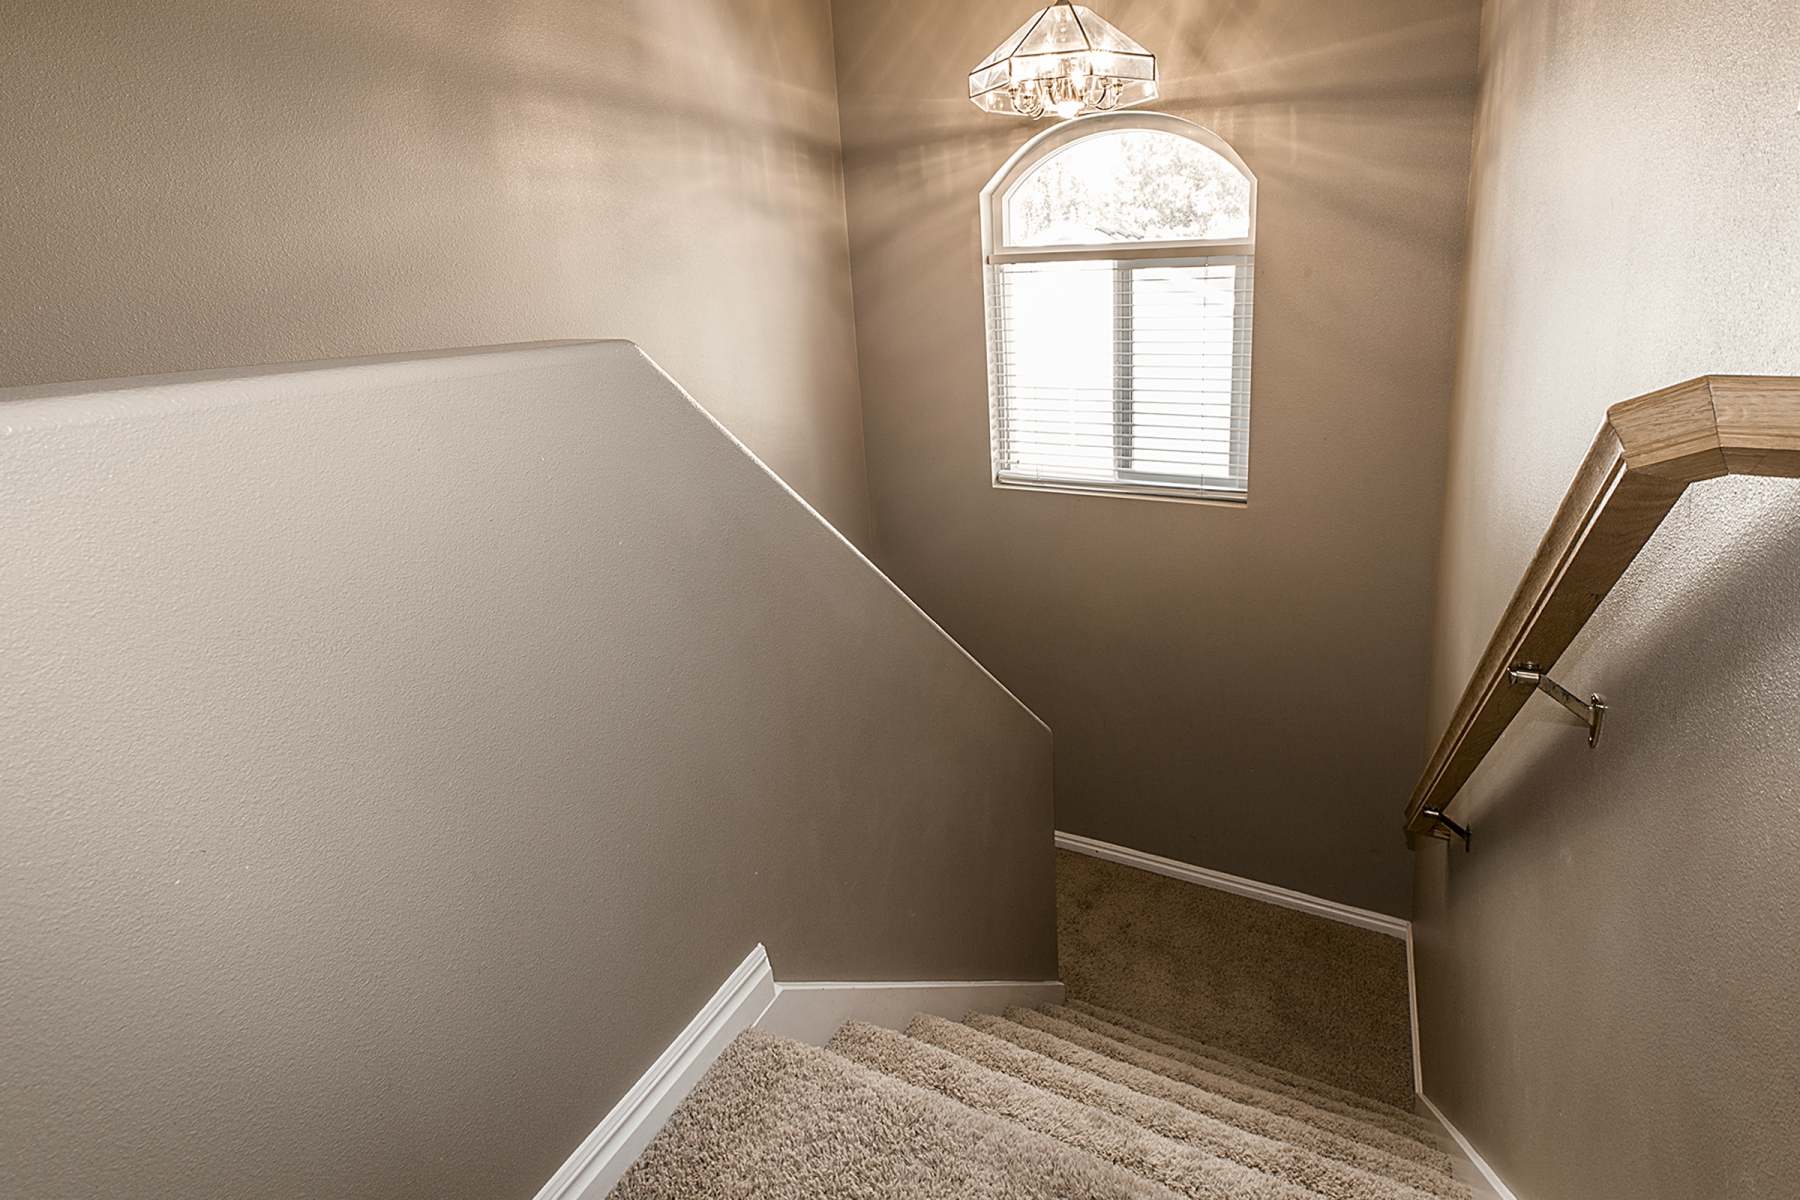 UpstairsHall_1800x1200_2476692